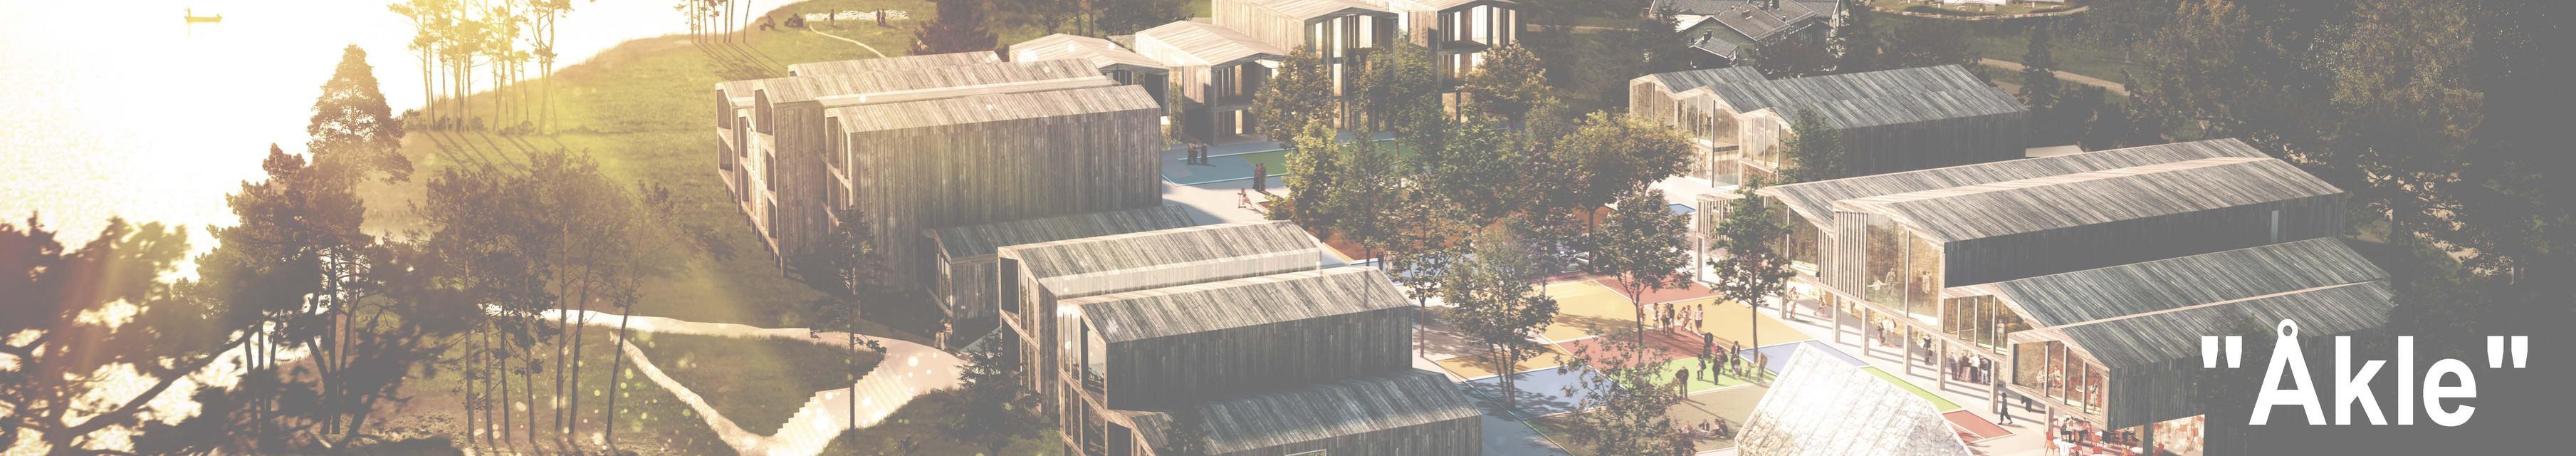 Åkle - Fremtidens landsby, sentralt på Birketveit